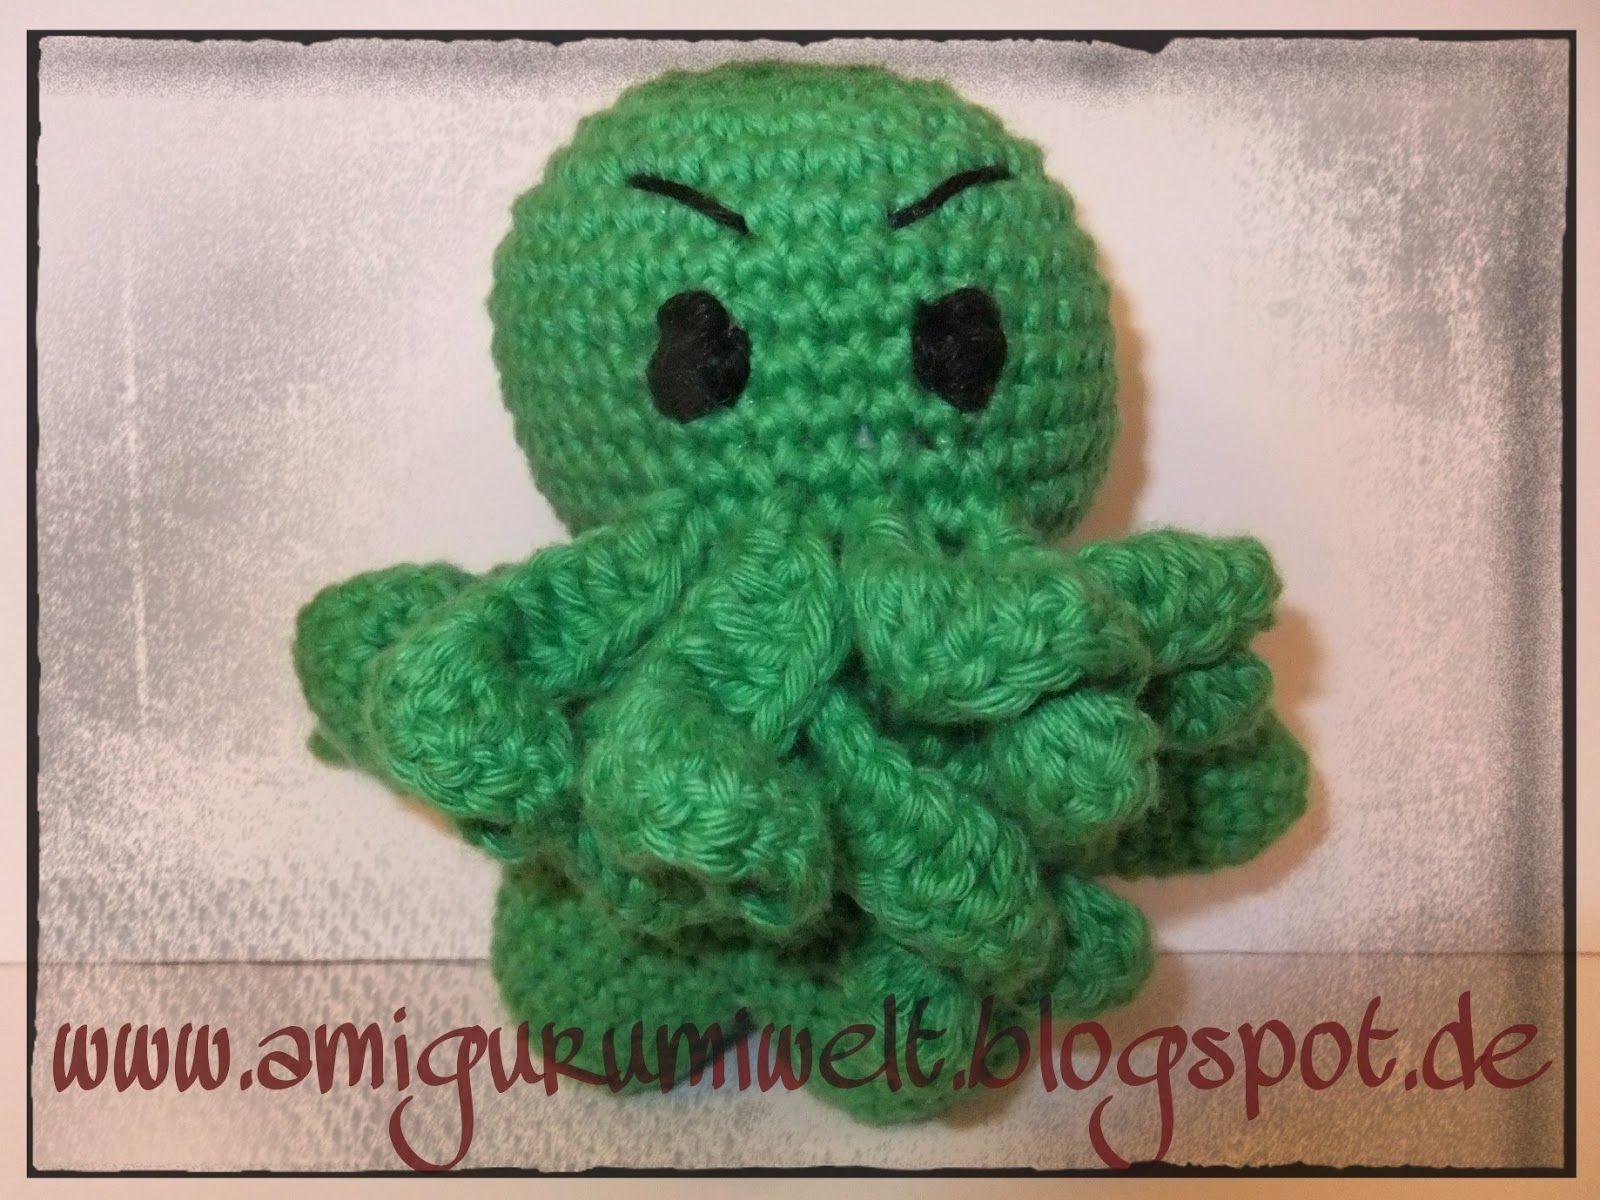 amigurumi kostenlos cthulhu häkeln crochet | Häkeln | Pinterest ...